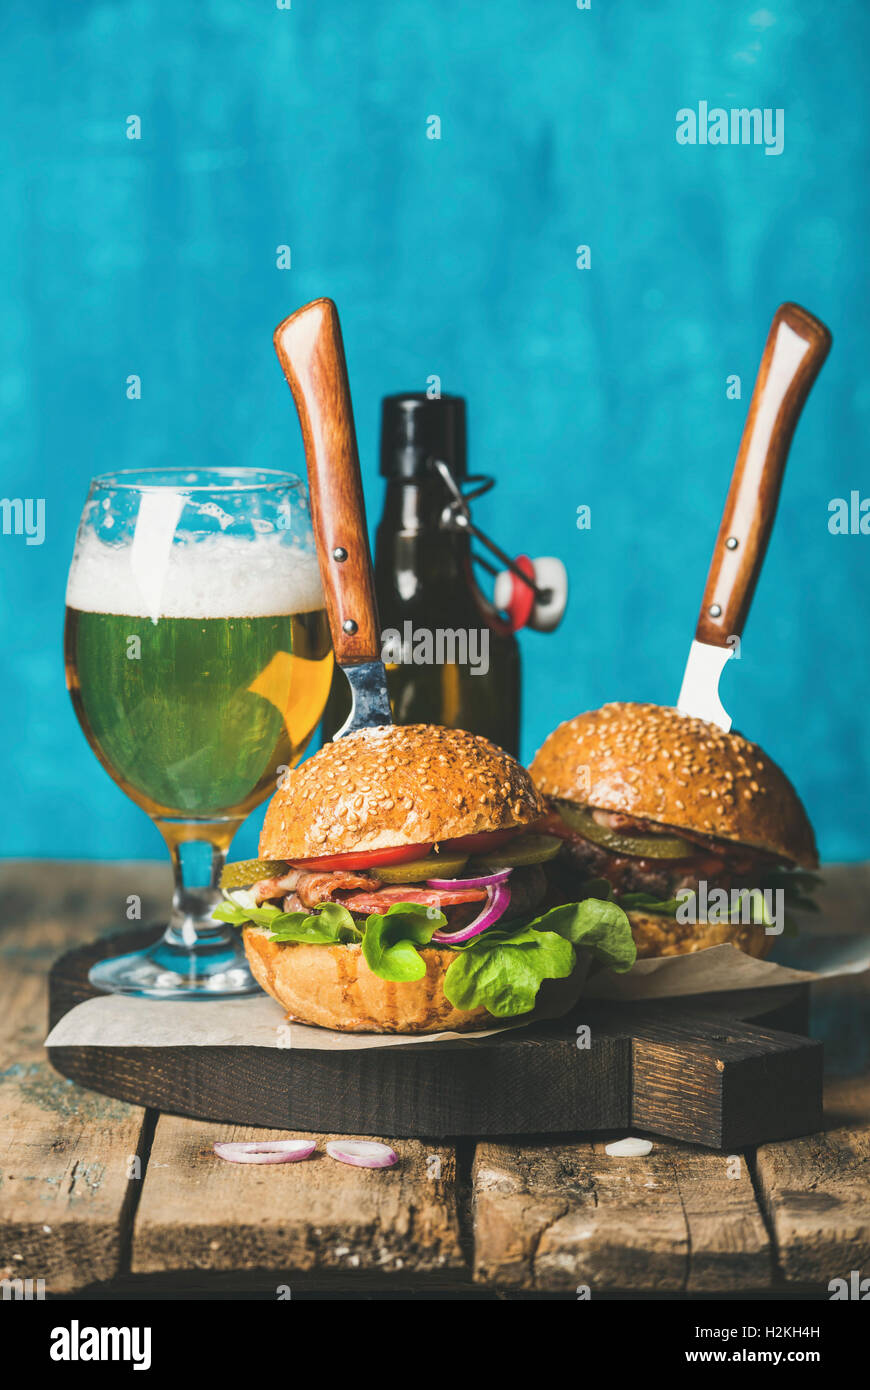 Zwei hausgemachte Rindfleisch-Burger mit knusprigem Speck, Zwiebeln, Gurken, Gemüse, Glas und Flasche Weißbier Stockbild